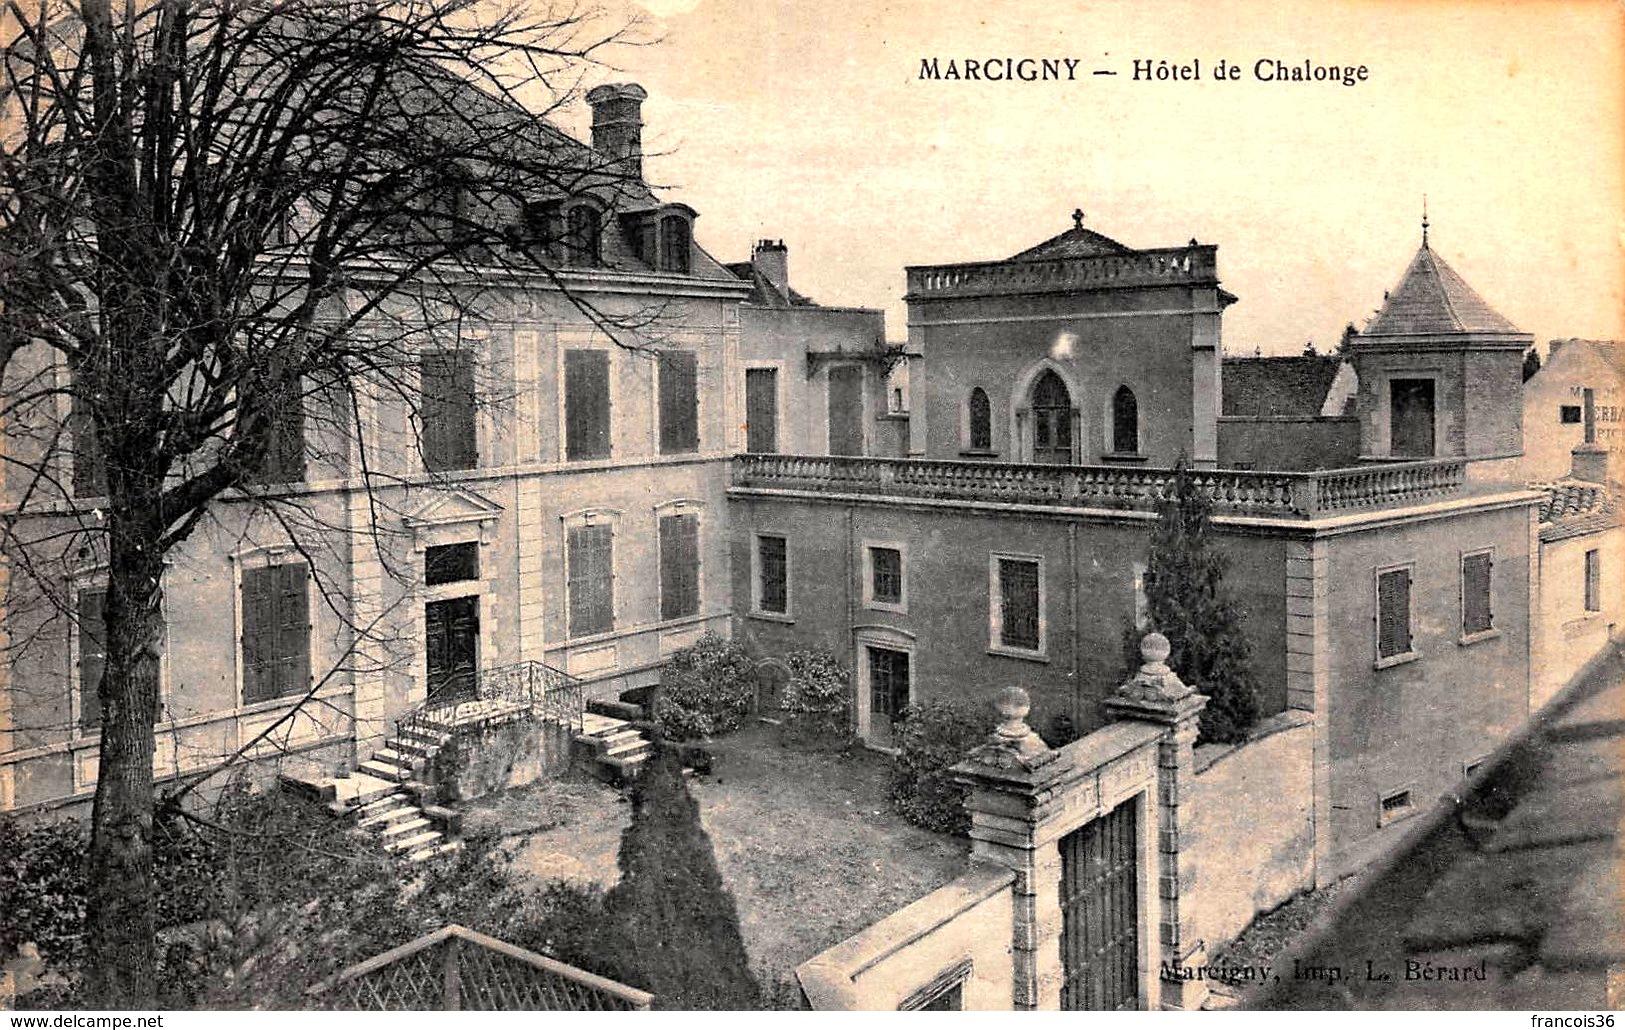 Marcigny (71) Hôtel de Challonge CPA